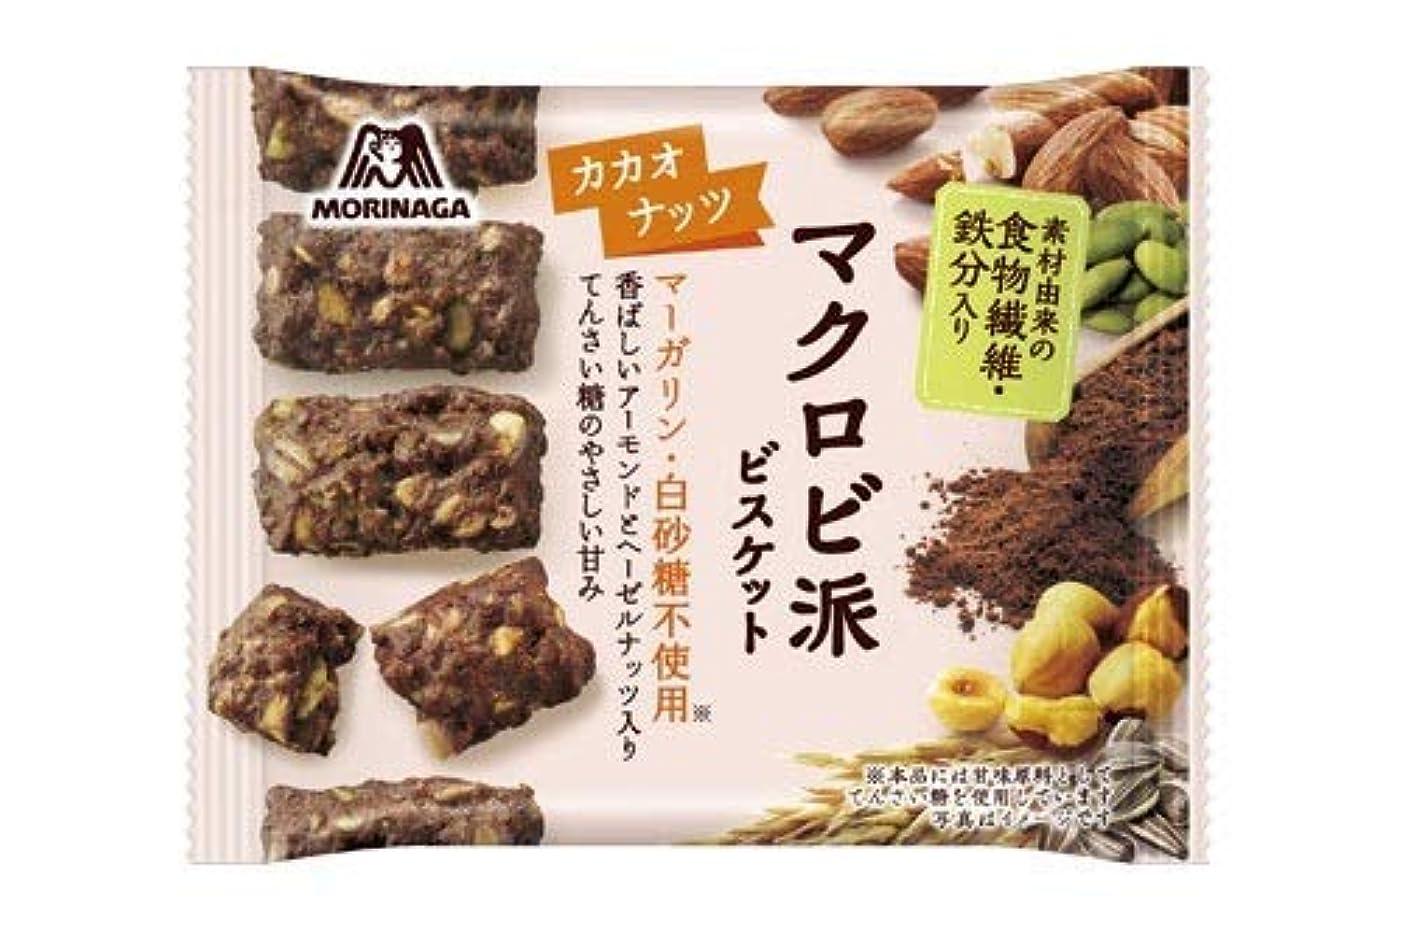 静かに噛む避けられない森永製菓 マクロビ派ビスケット カカオナッツ 72個セット